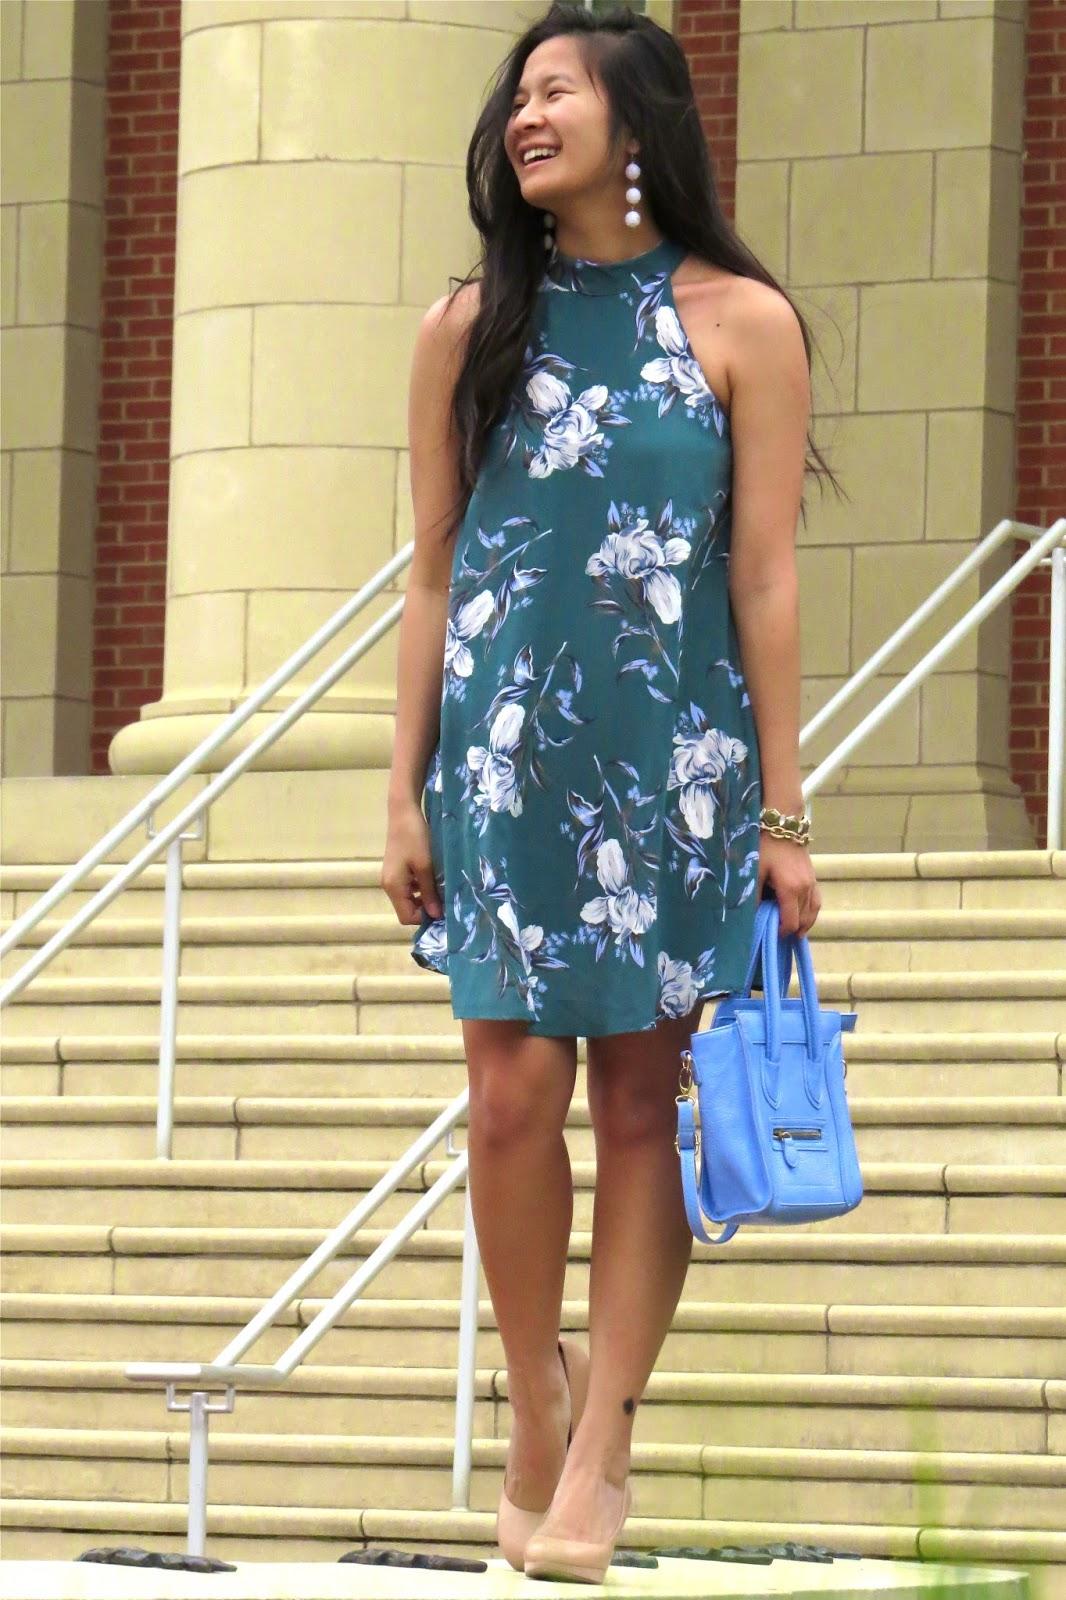 Spring_floral_dress